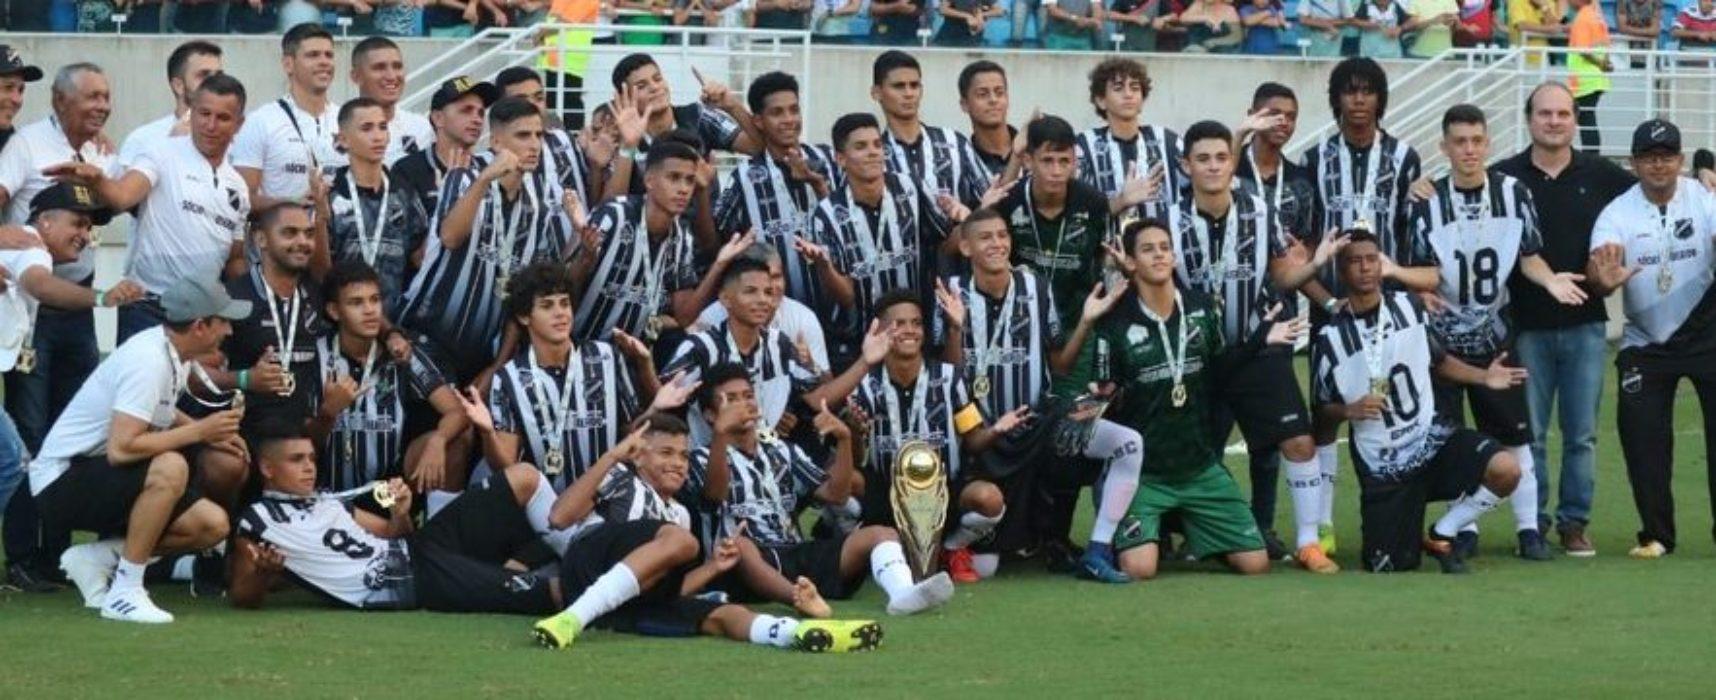 Federação anuncia cancelamento do Campeonato Potiguar